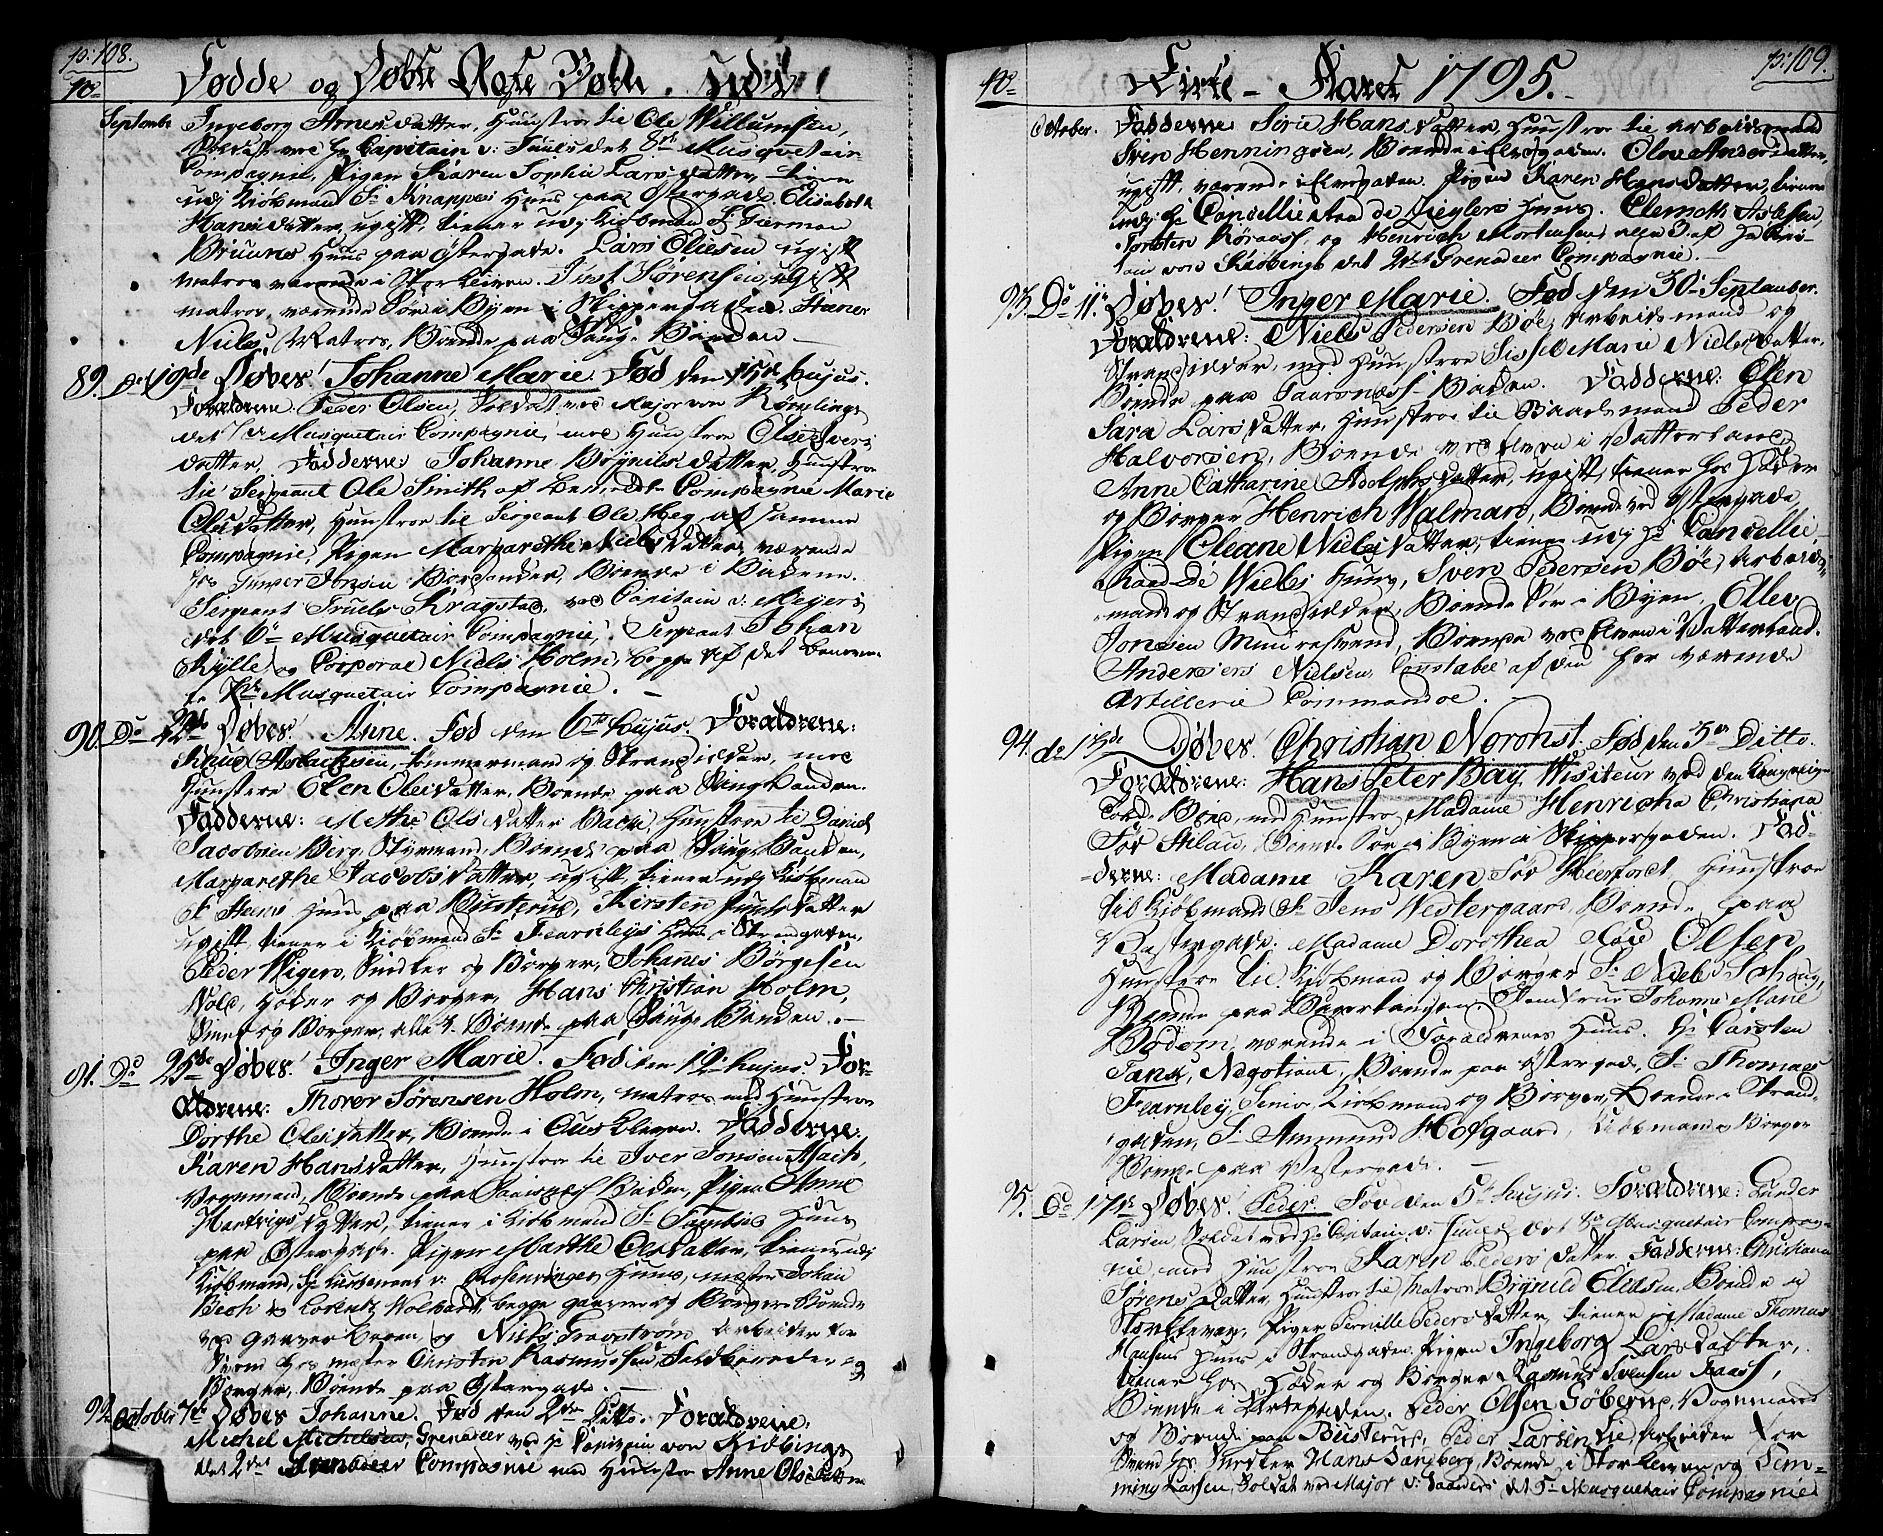 SAO, Halden prestekontor Kirkebøker, F/Fa/L0002: Ministerialbok nr. I 2, 1792-1812, s. 108-109